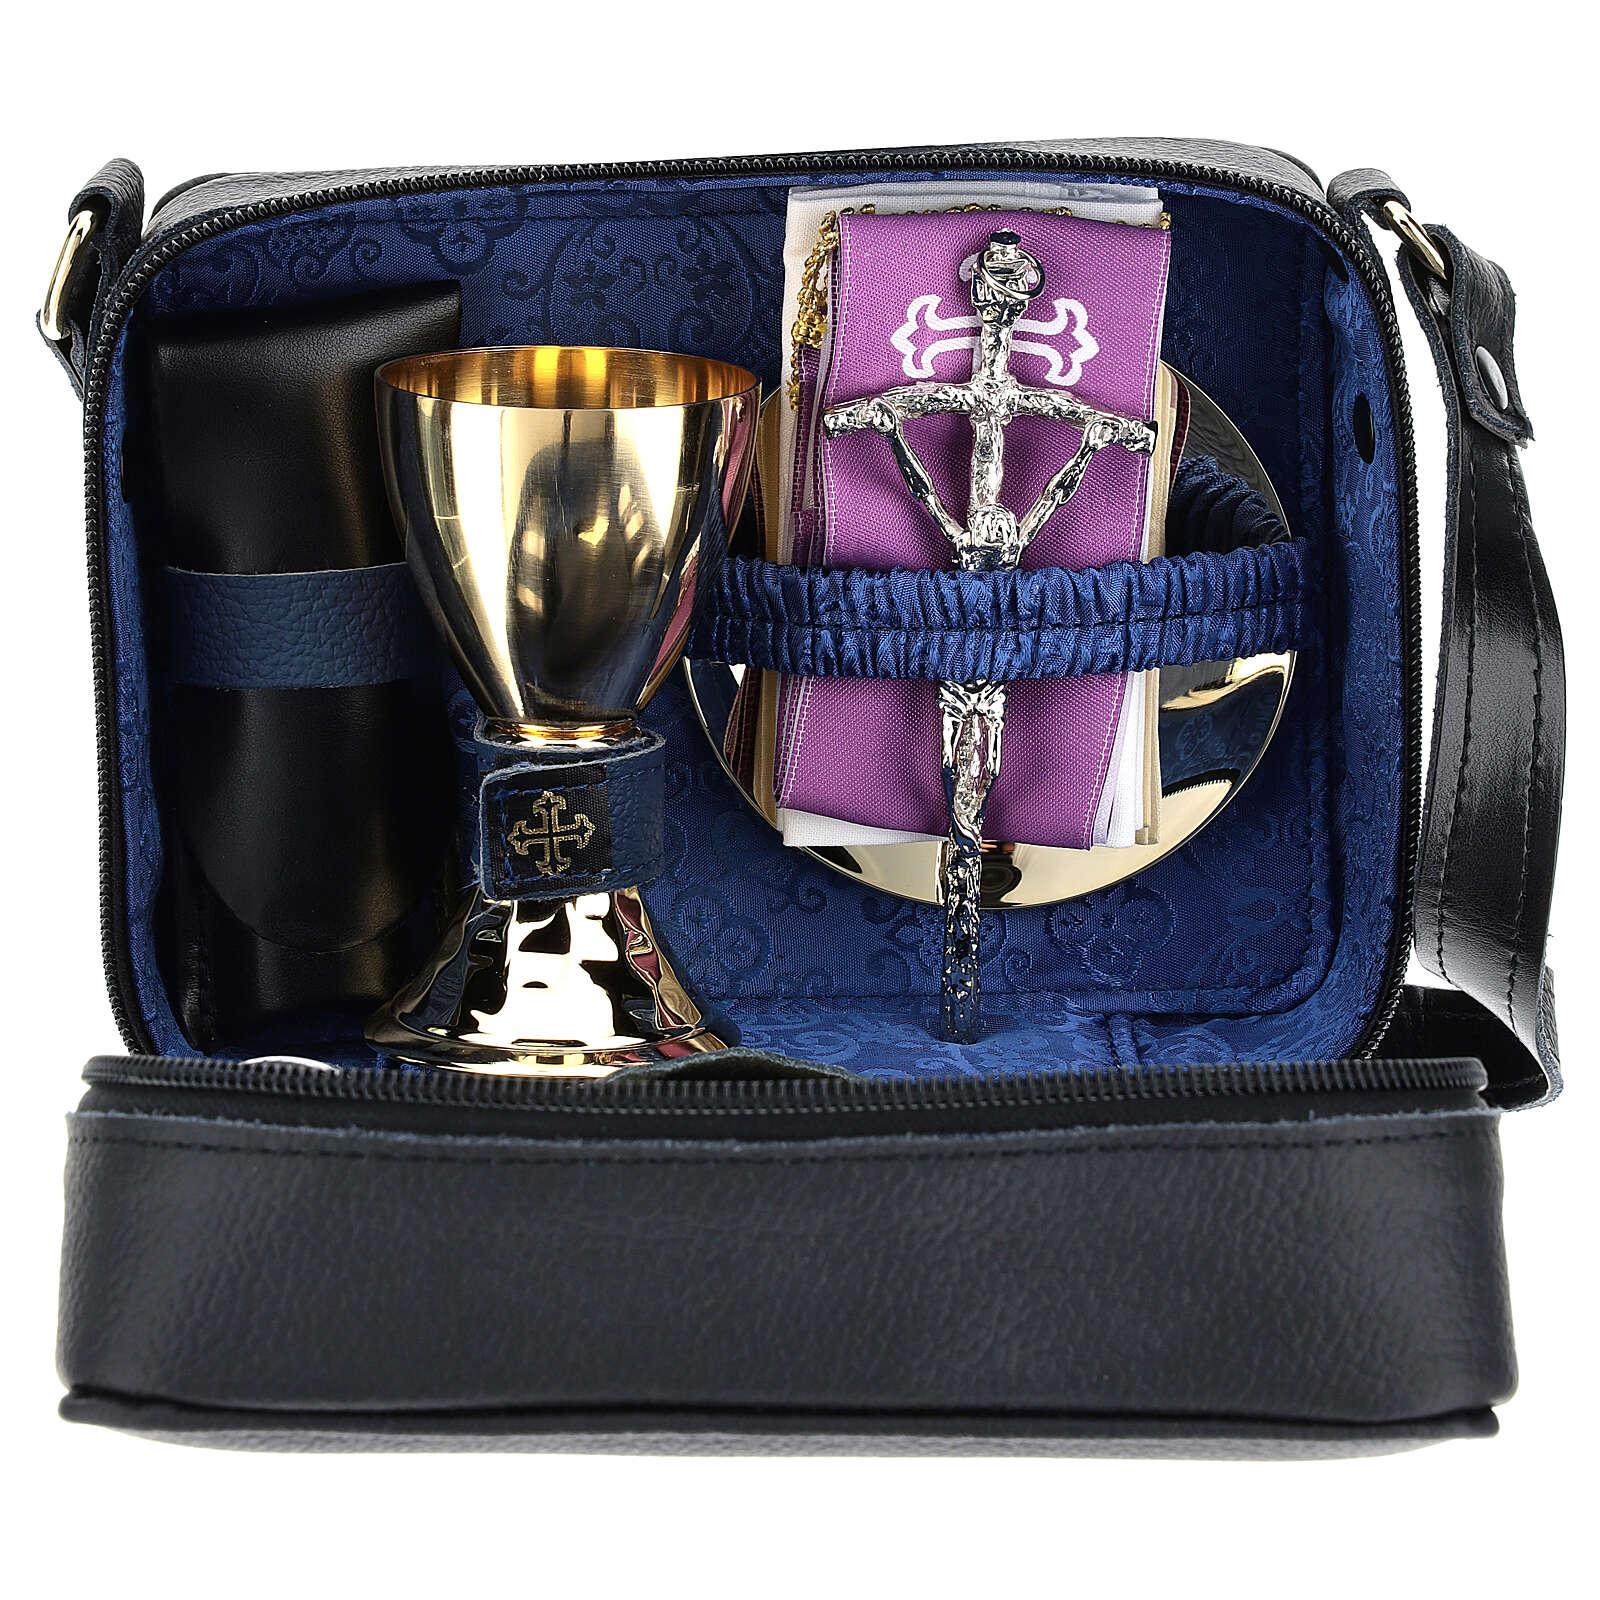 Bolsa tiracolo couro preto e tecido jacquard azul com objetos para celebração litúrgica 3